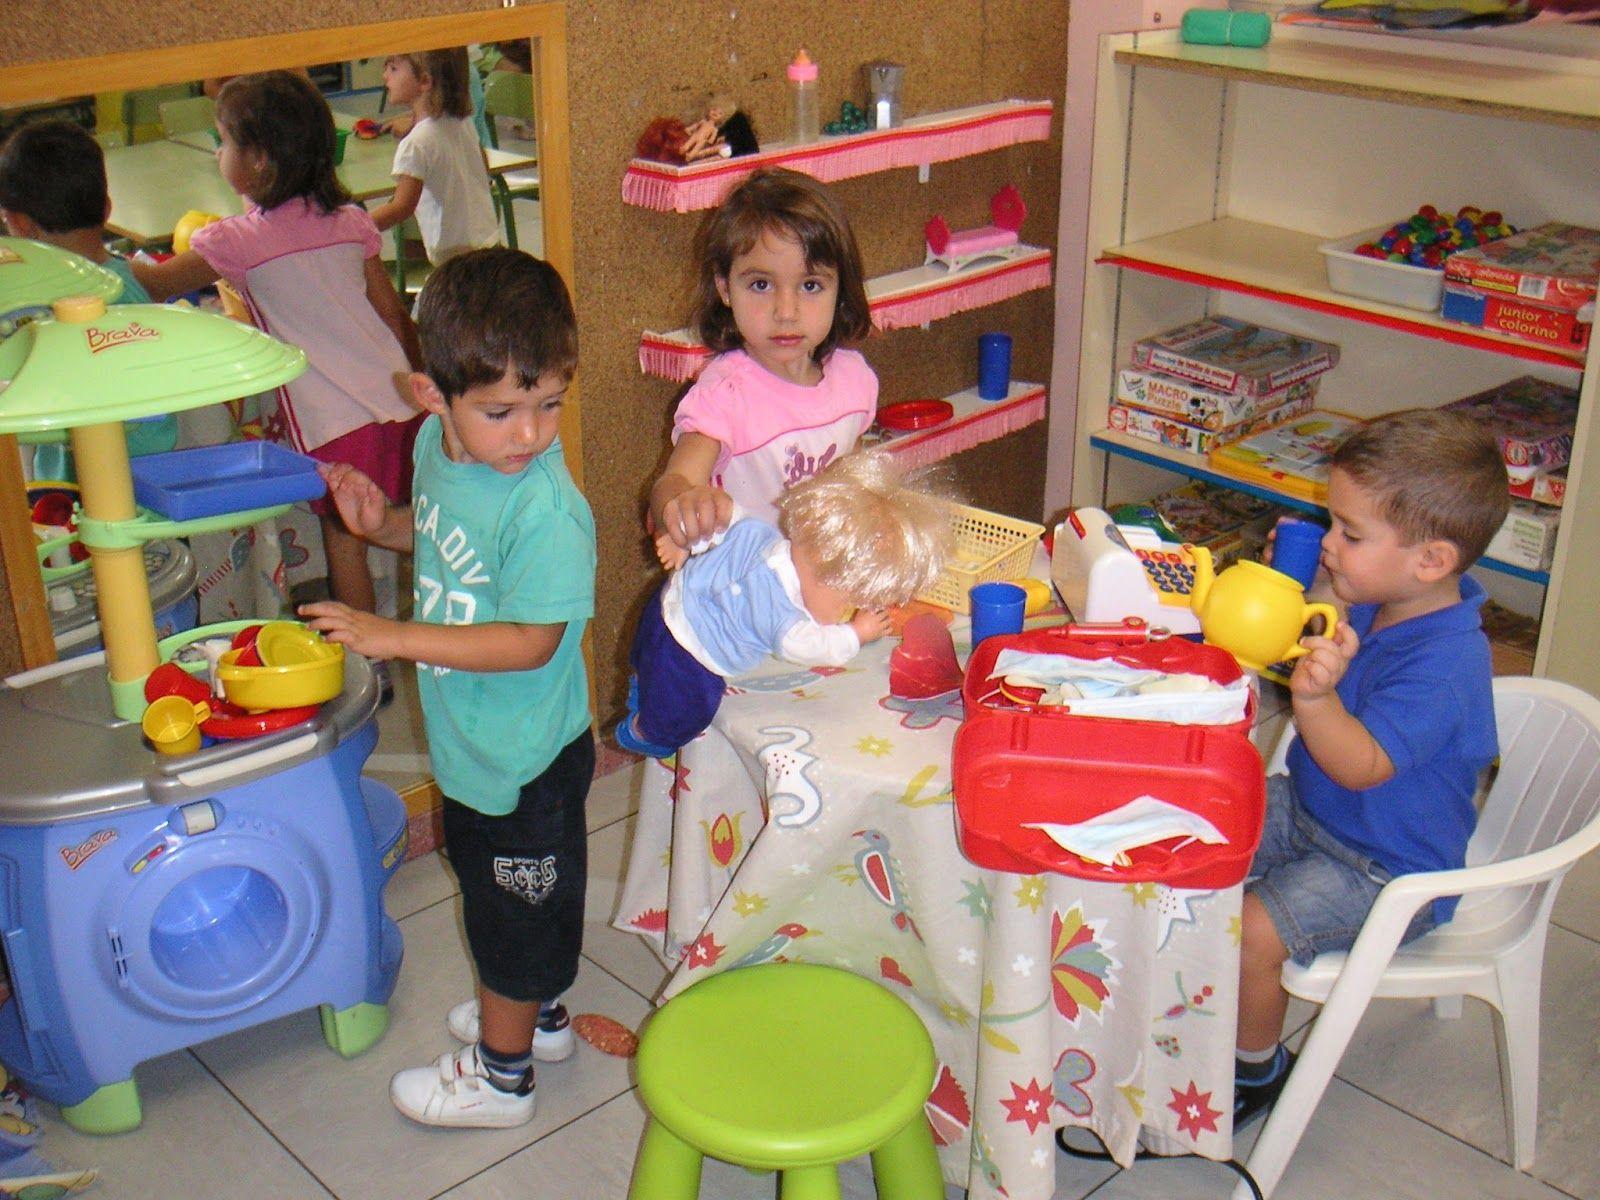 White apron sergio vodanovic english - Juego Simbolico Para Preescolar Buscar Con Google